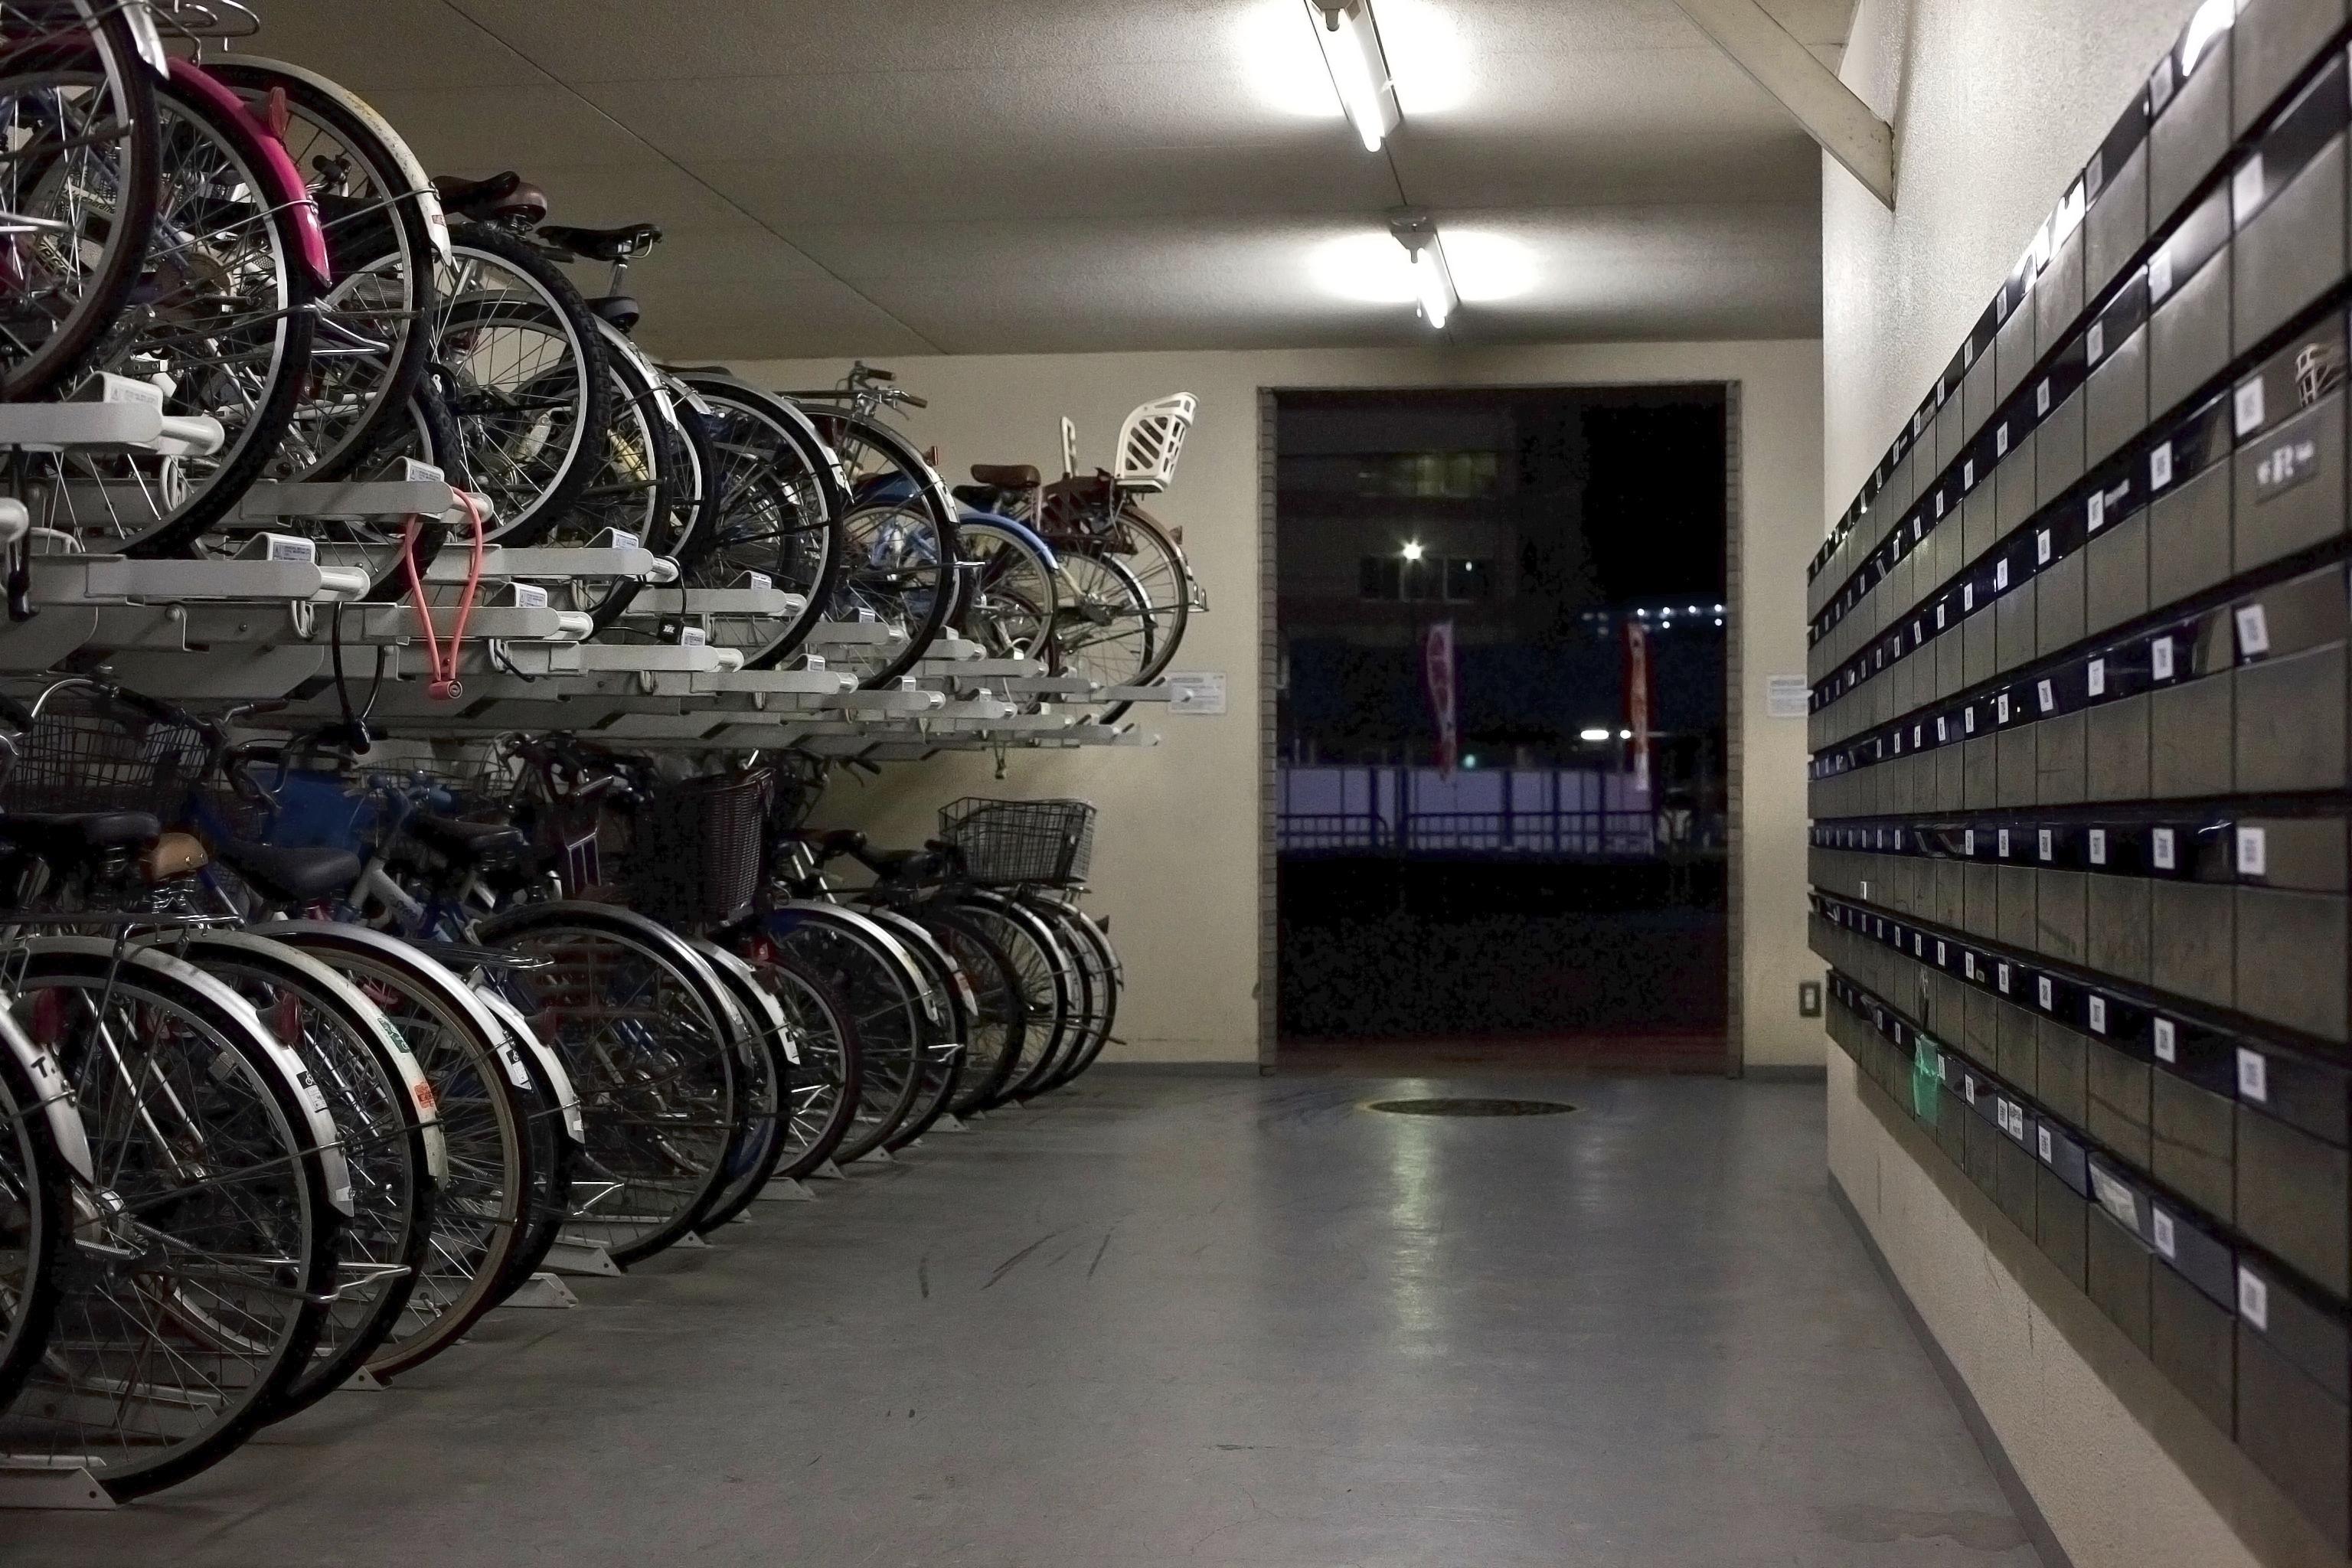 vélo parkés en face des boite aux lettres dans un hall d'immeuble au japon.